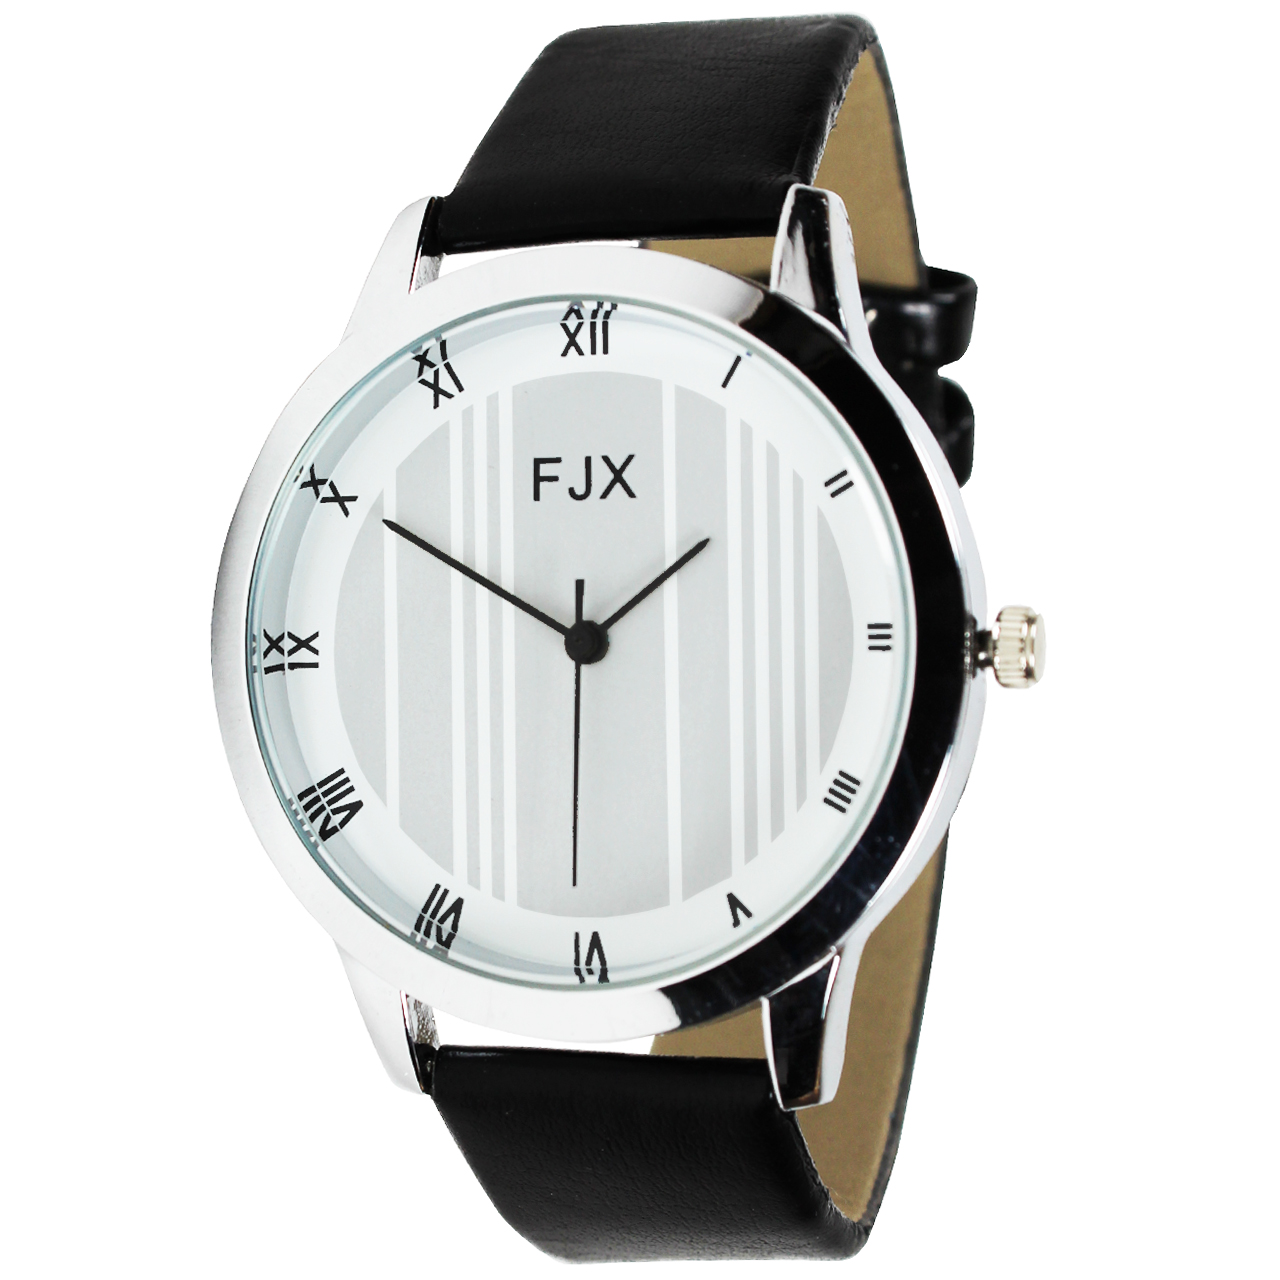 ساعت مچی عقربه ای مردانه و زنانه اف جی ایکس مدل P4-22 30